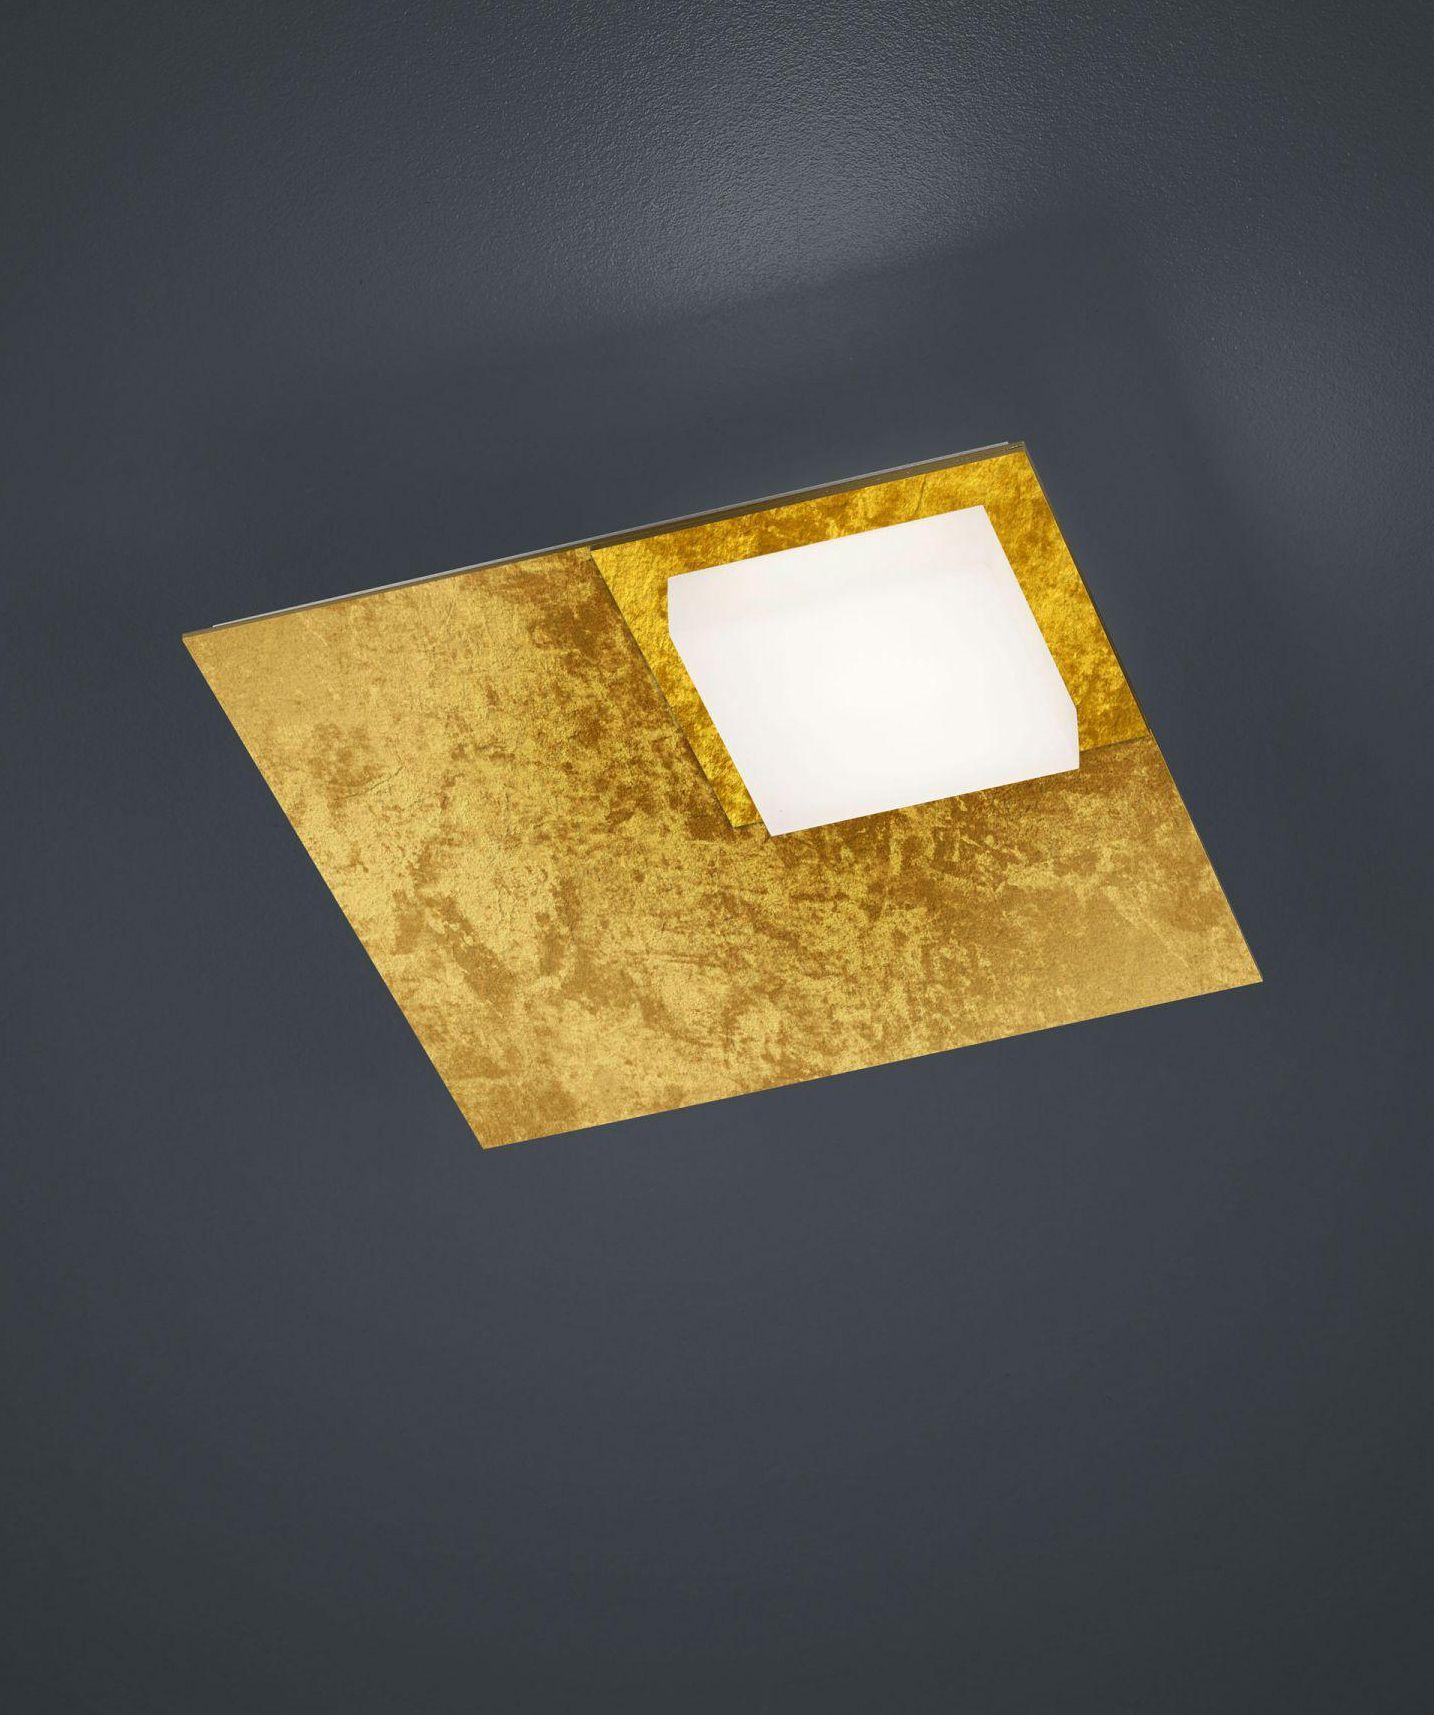 LED-Deckenleuchte Cube luce elevata von BANKAMP Leuchtenmanufaktur